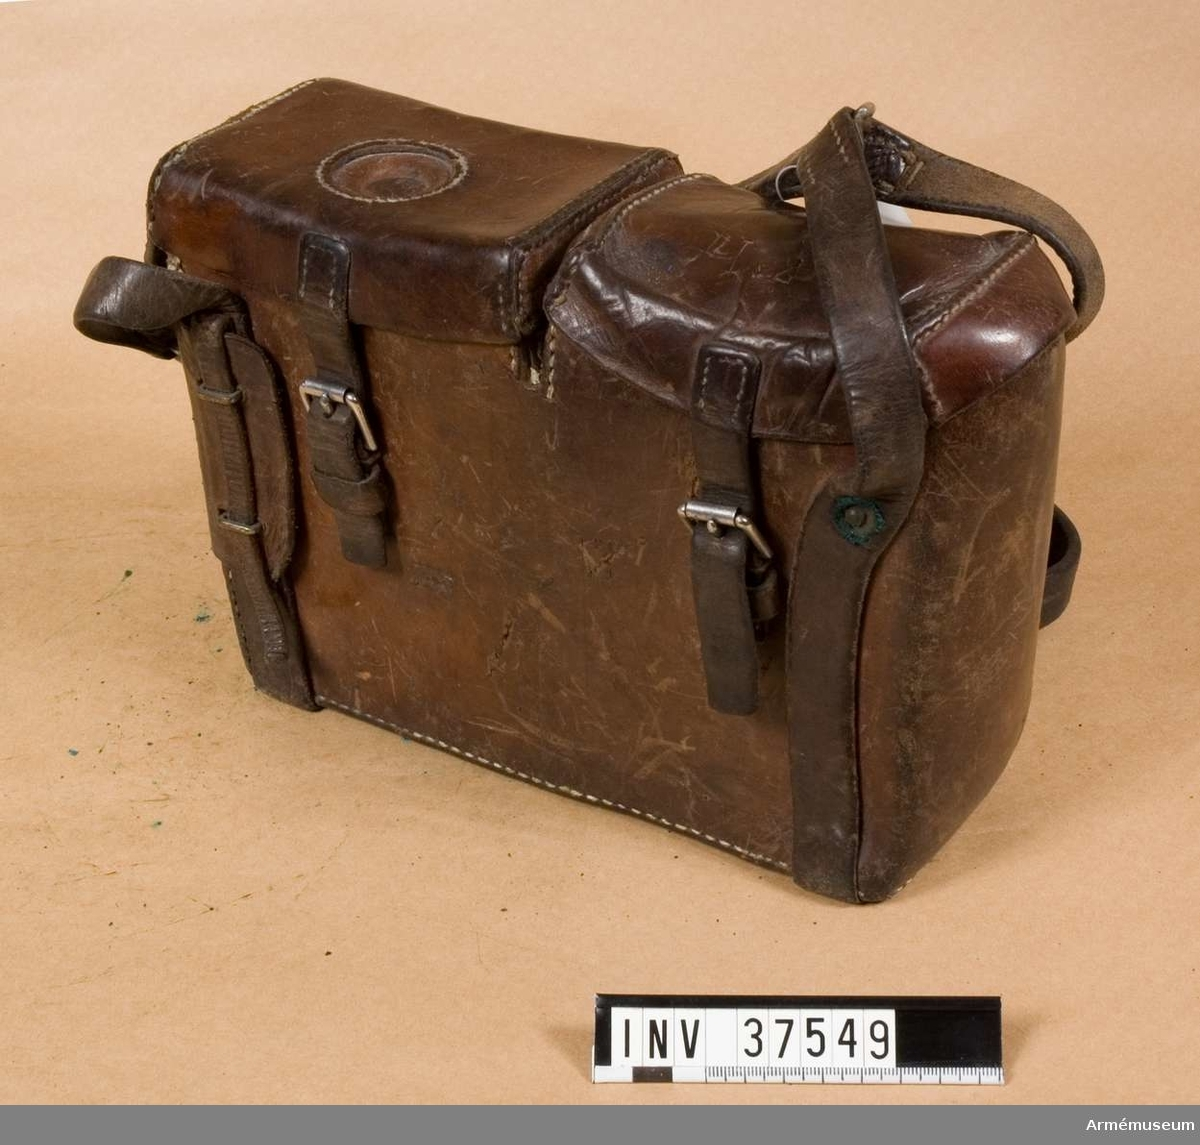 Samhörande nr 37547-9, telefon, hörtelefon, väska. Fodral av läder till telefonapparat m/1912. Grupp H I.